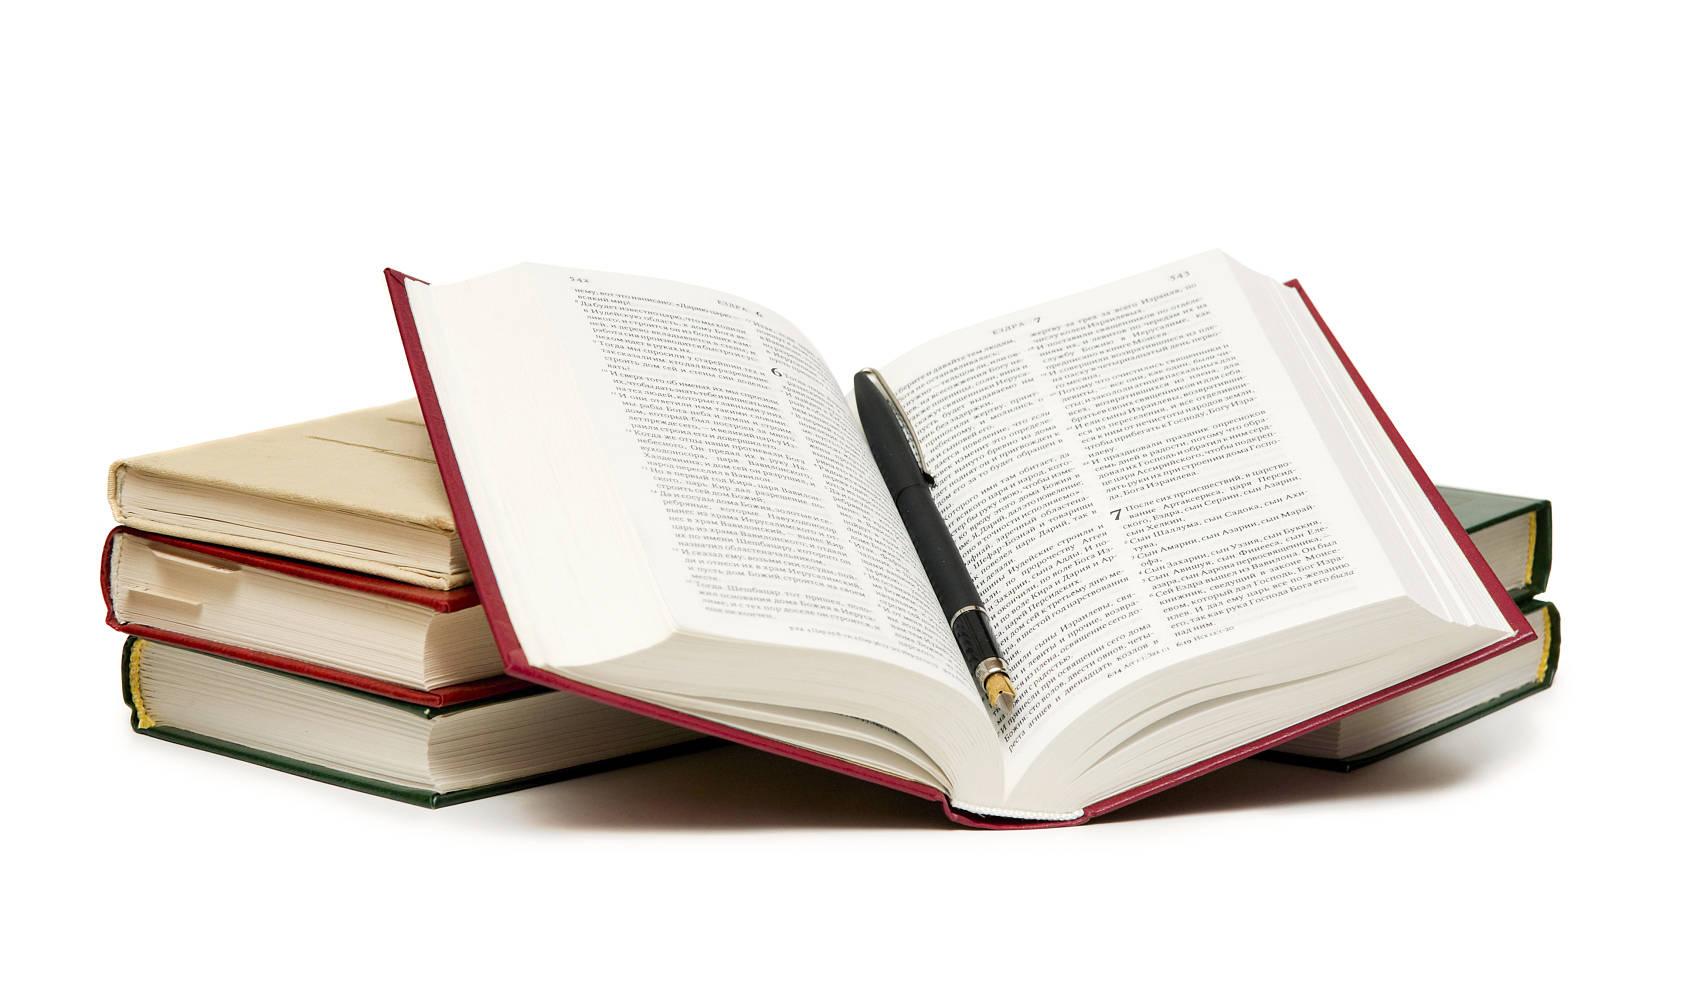 事业单位公共基础知识:维生素的作用  事业单位公共基础知识